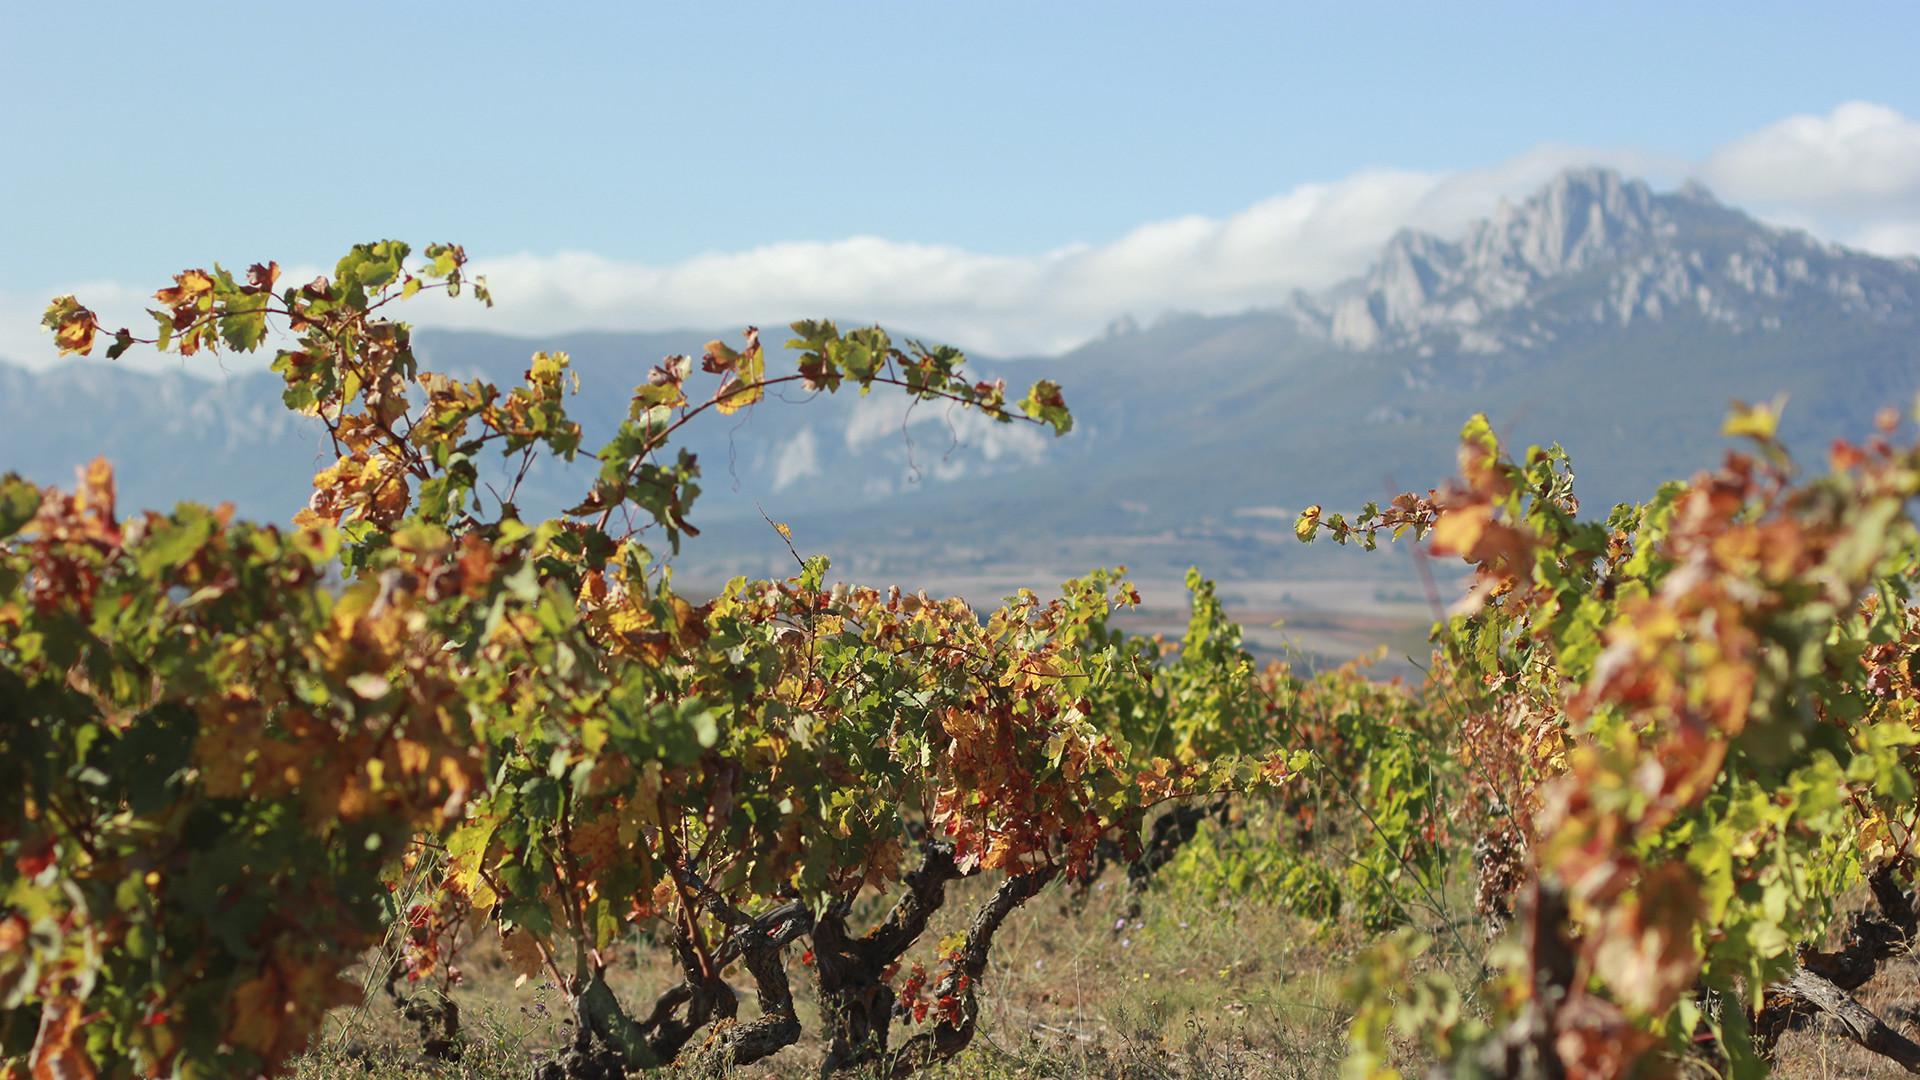 Artadi winery in Spain